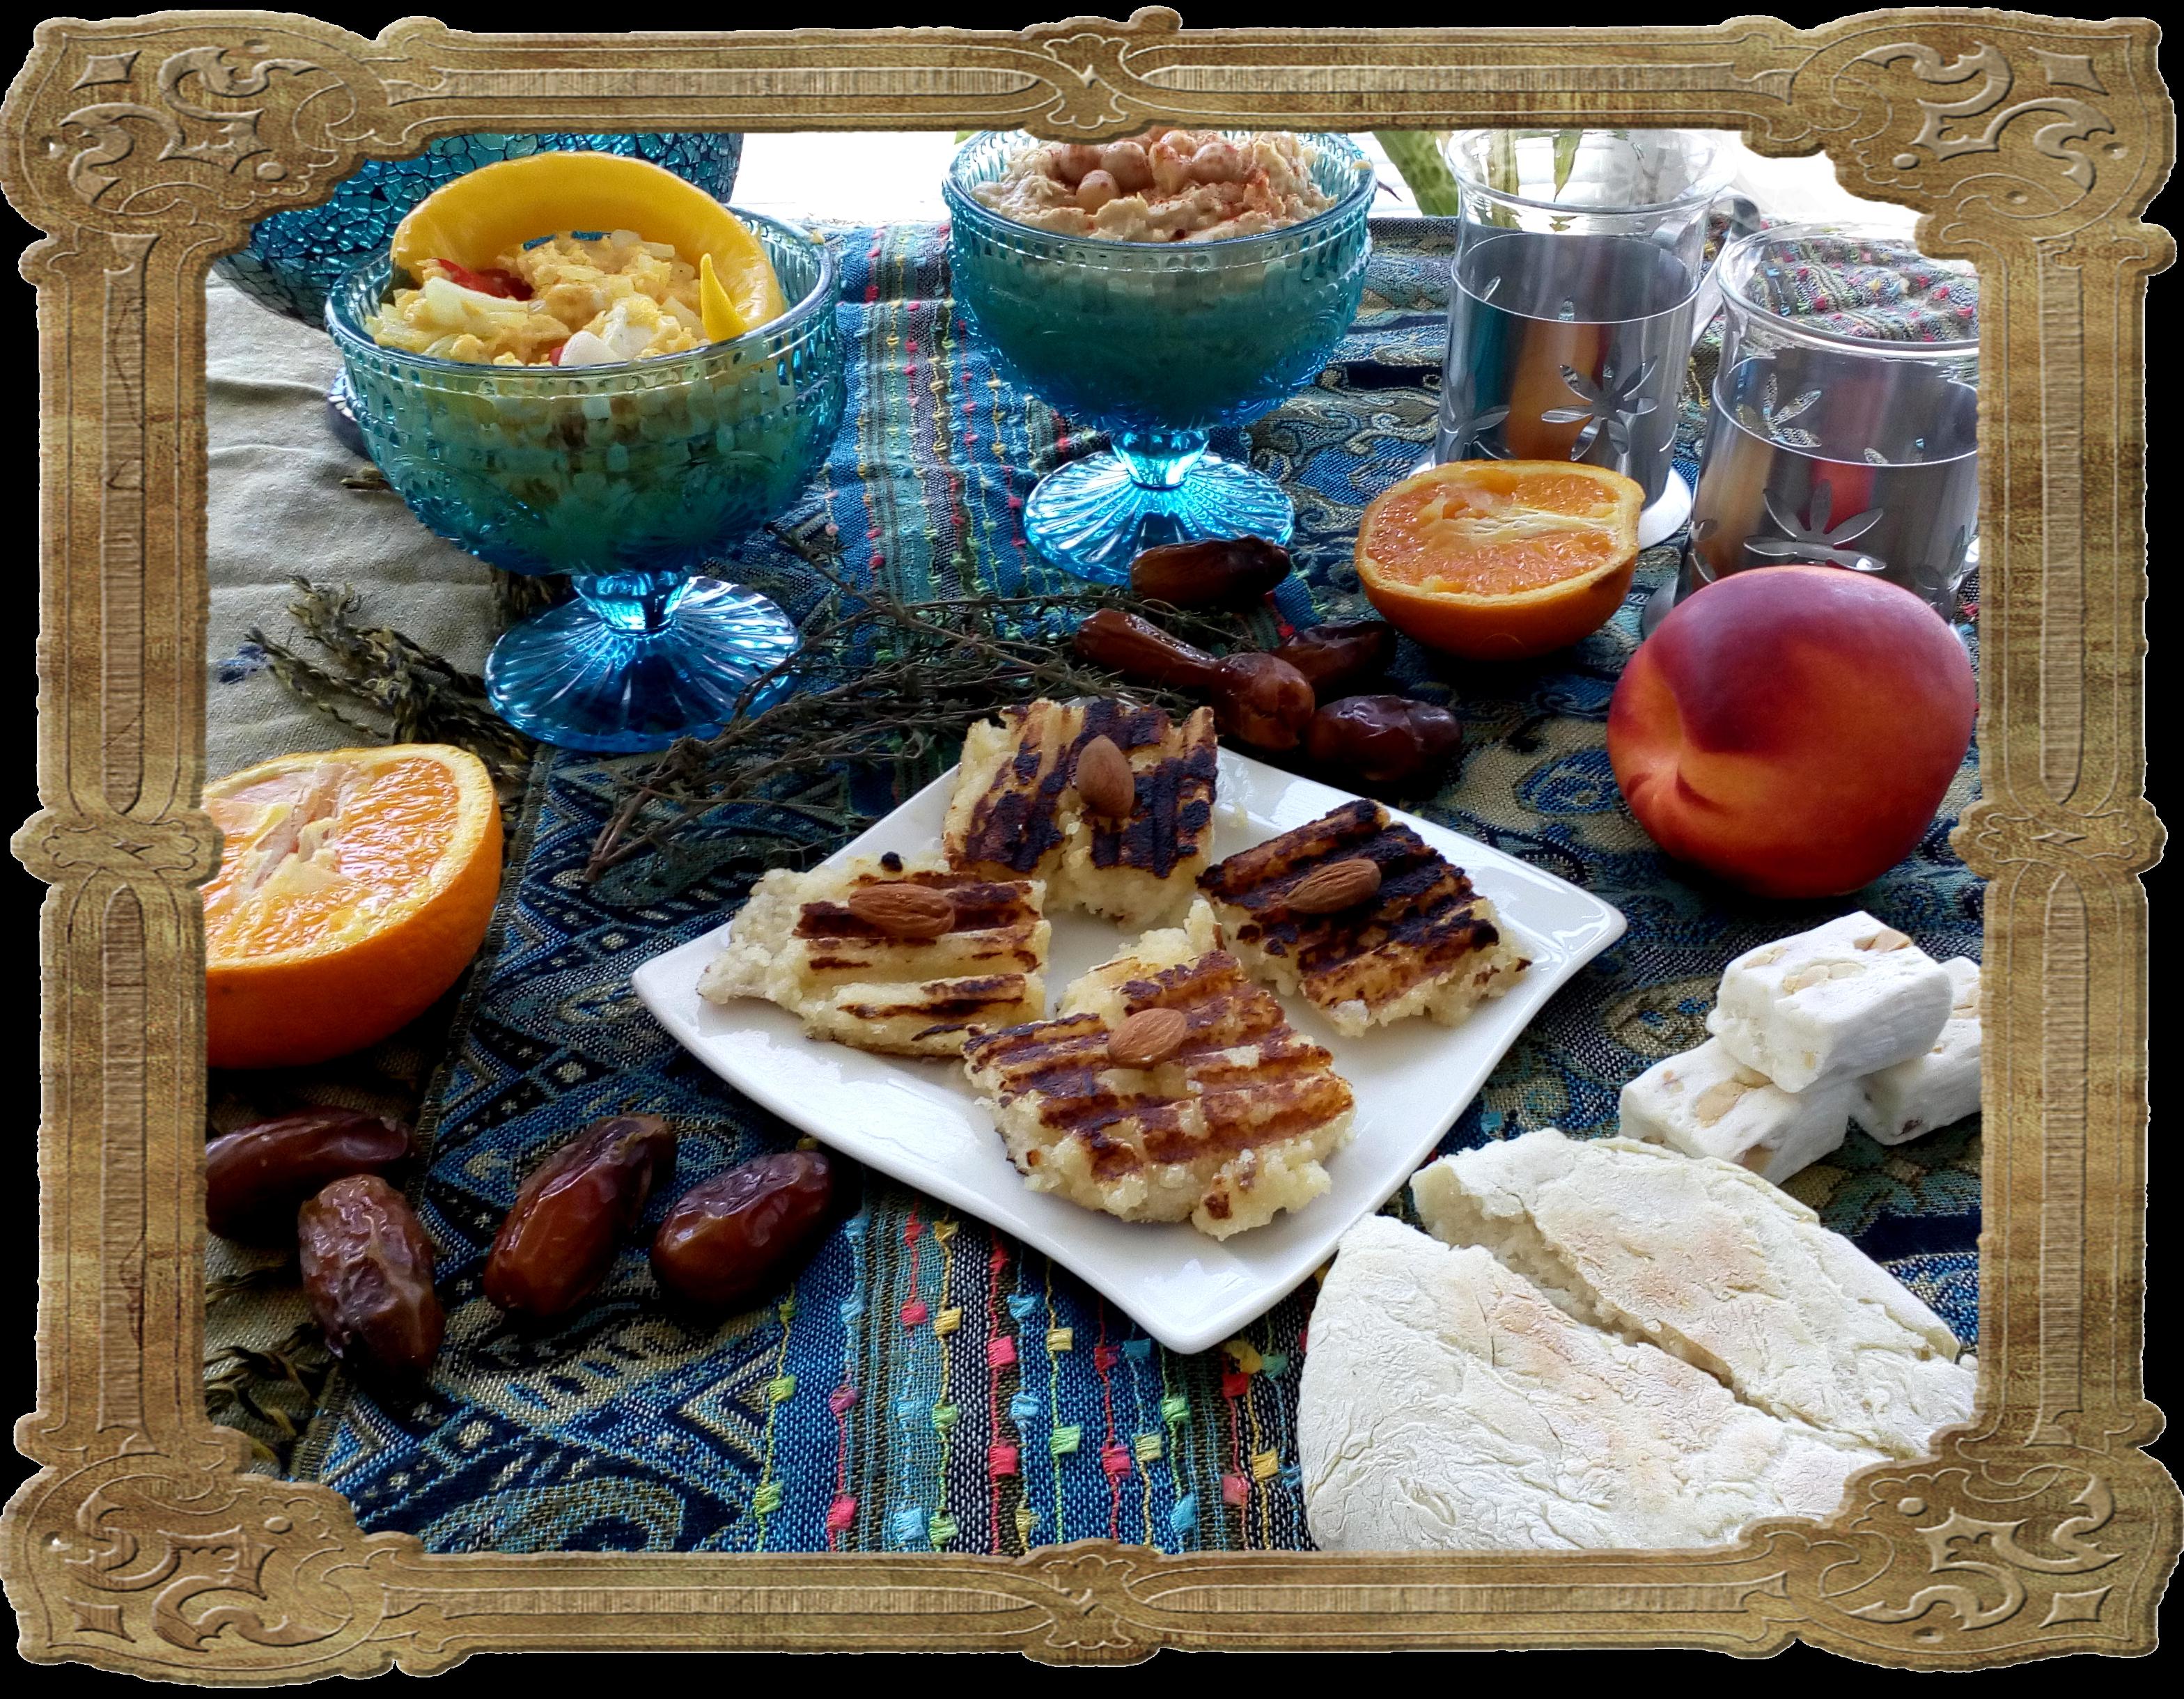 Frühstückstisch, orientalisch gedeckt, mit Fladenbrot, Hummus, Rührei und Dessert